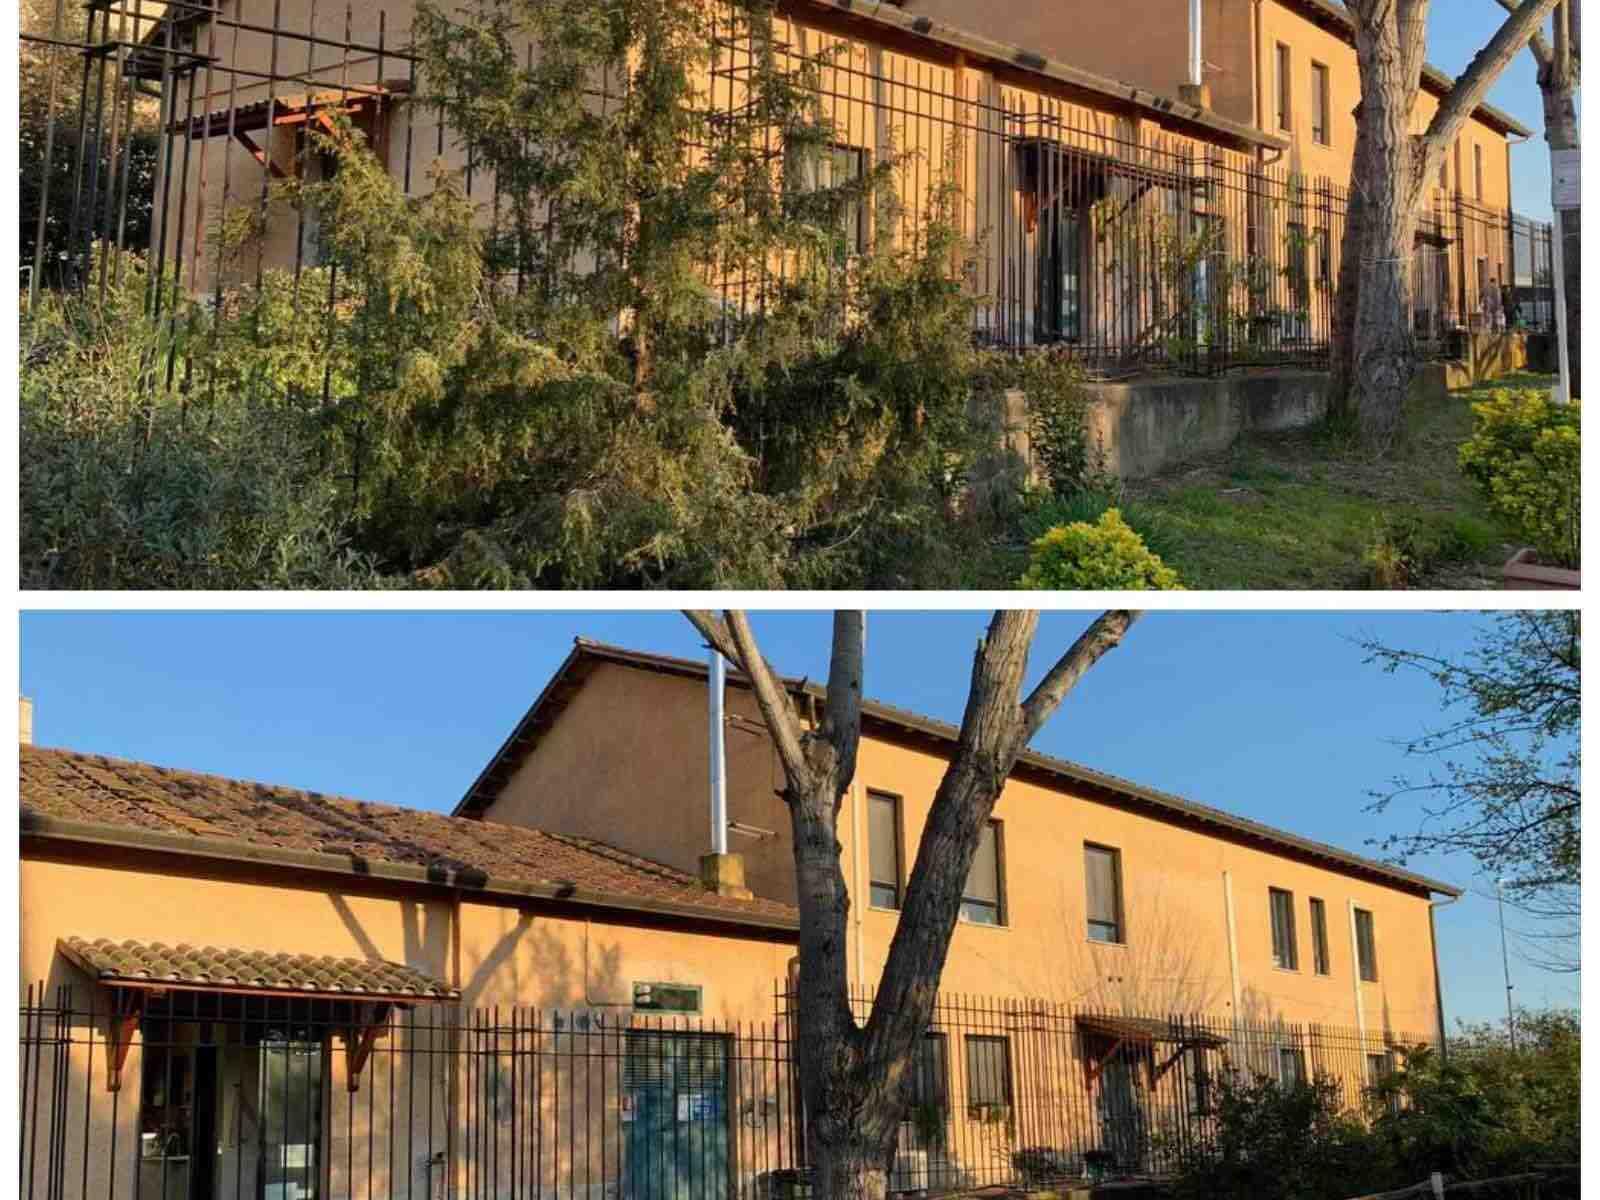 casa-tetto-albero-cielo